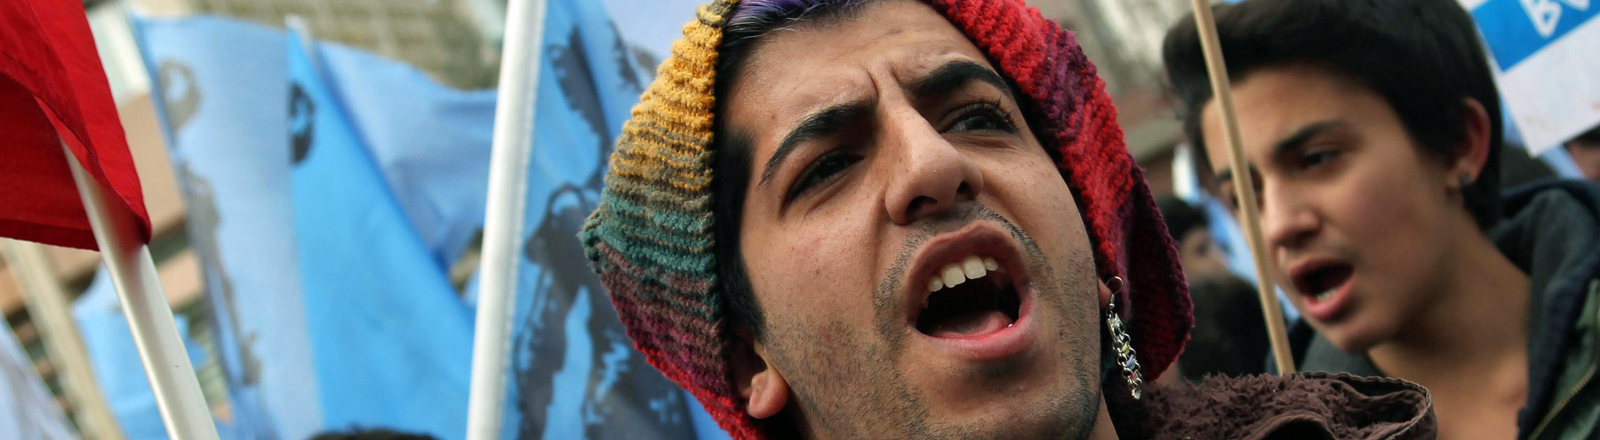 türkischer Student bei Protesten